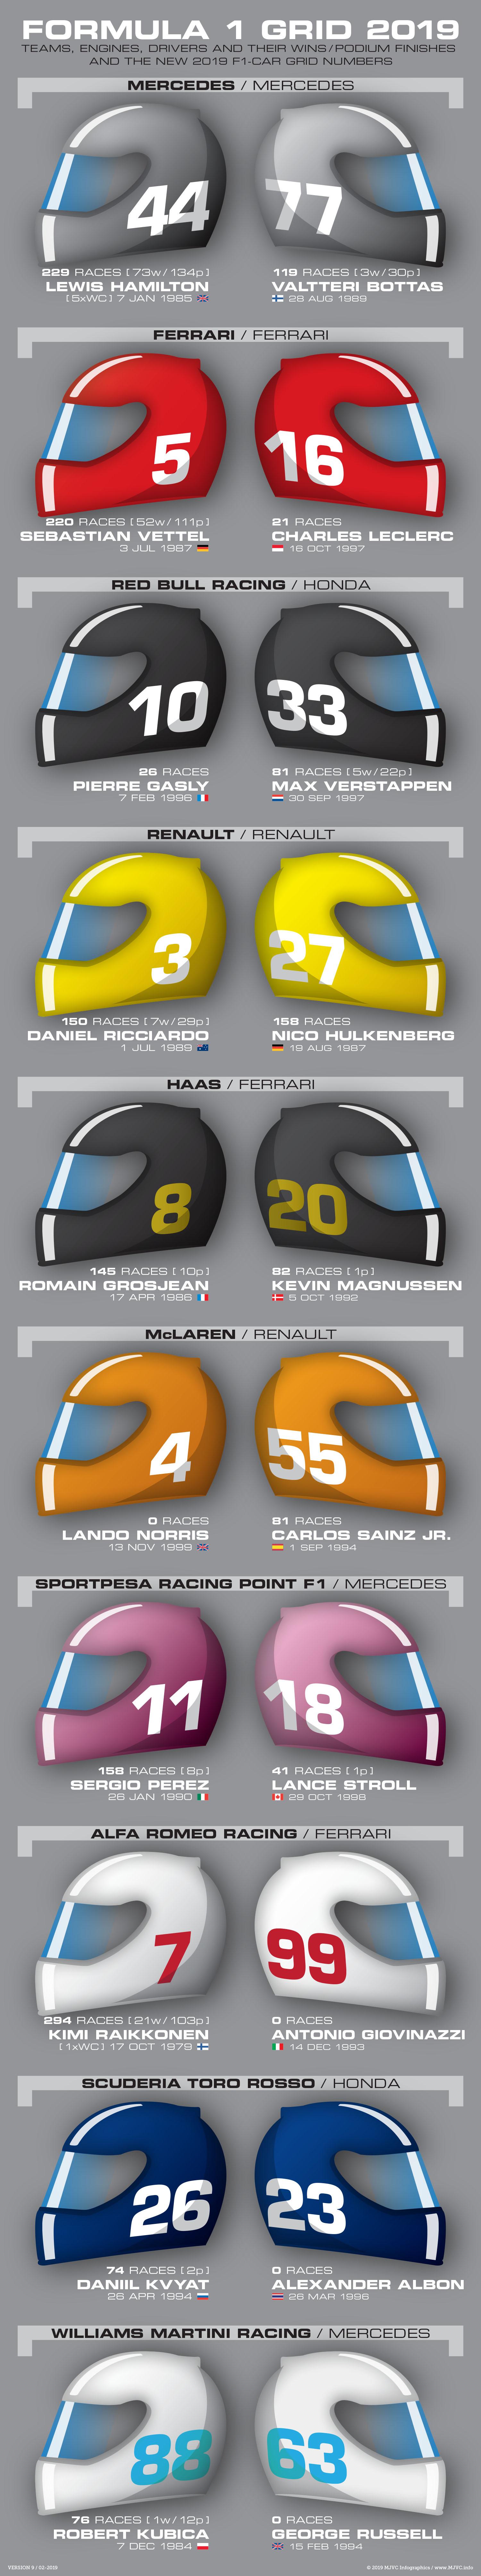 Formula 1 grid for 2019